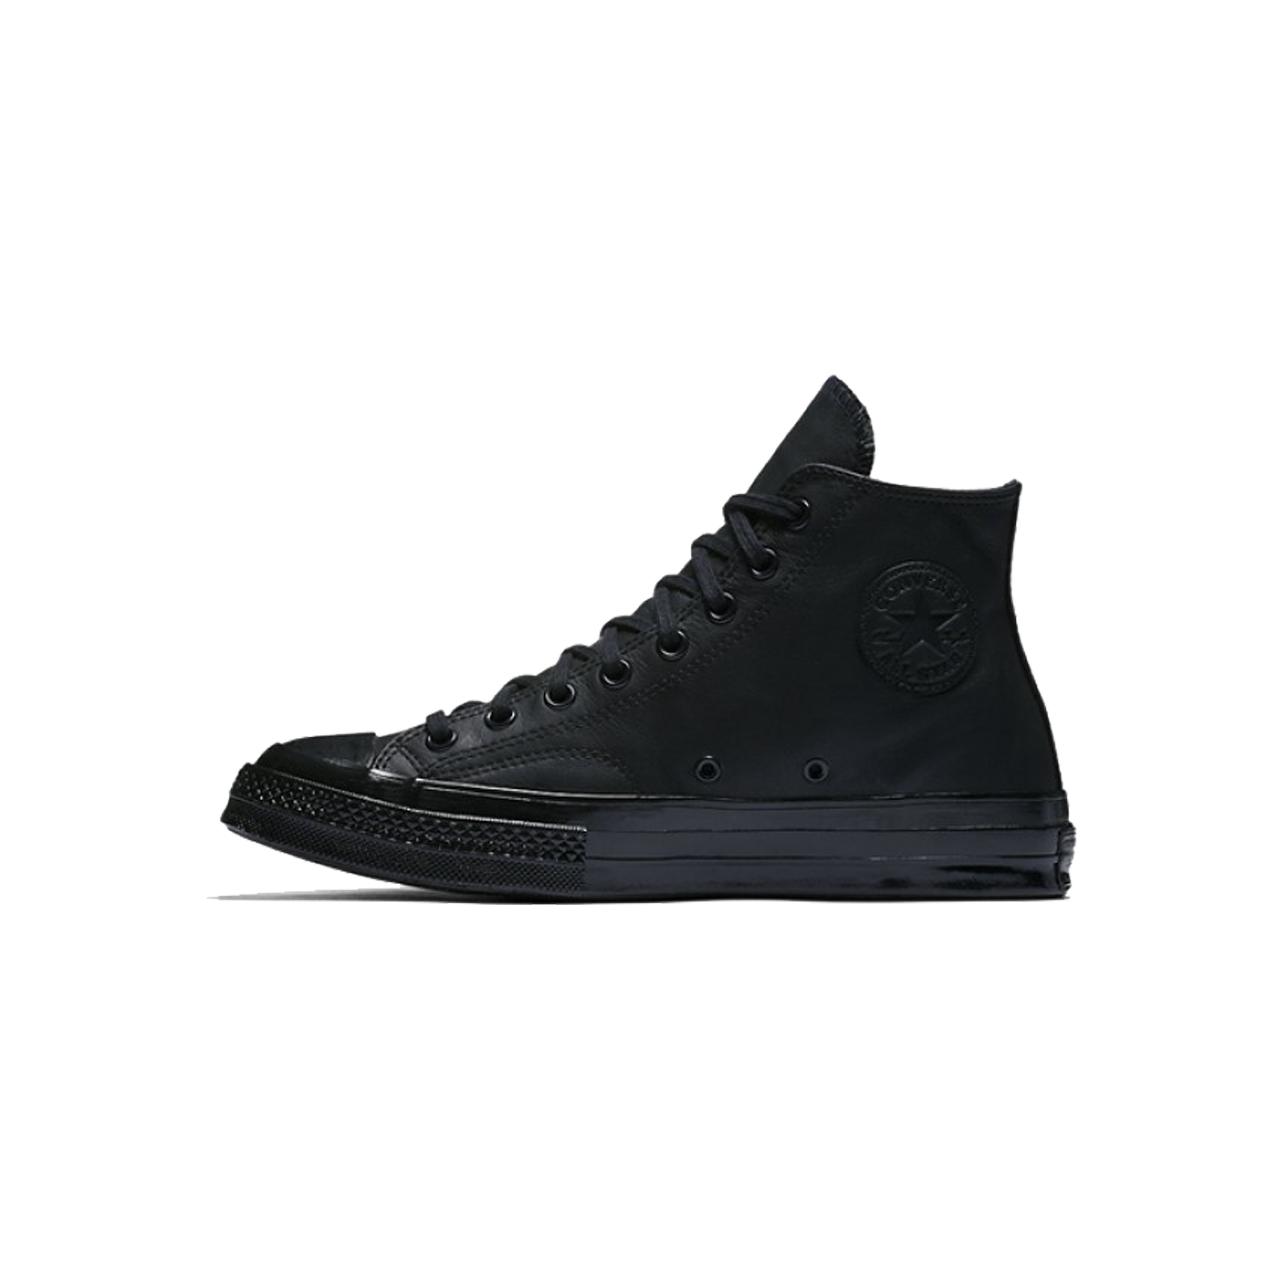 قیمت کفش ورزشی کانورس مدل 155454c-001